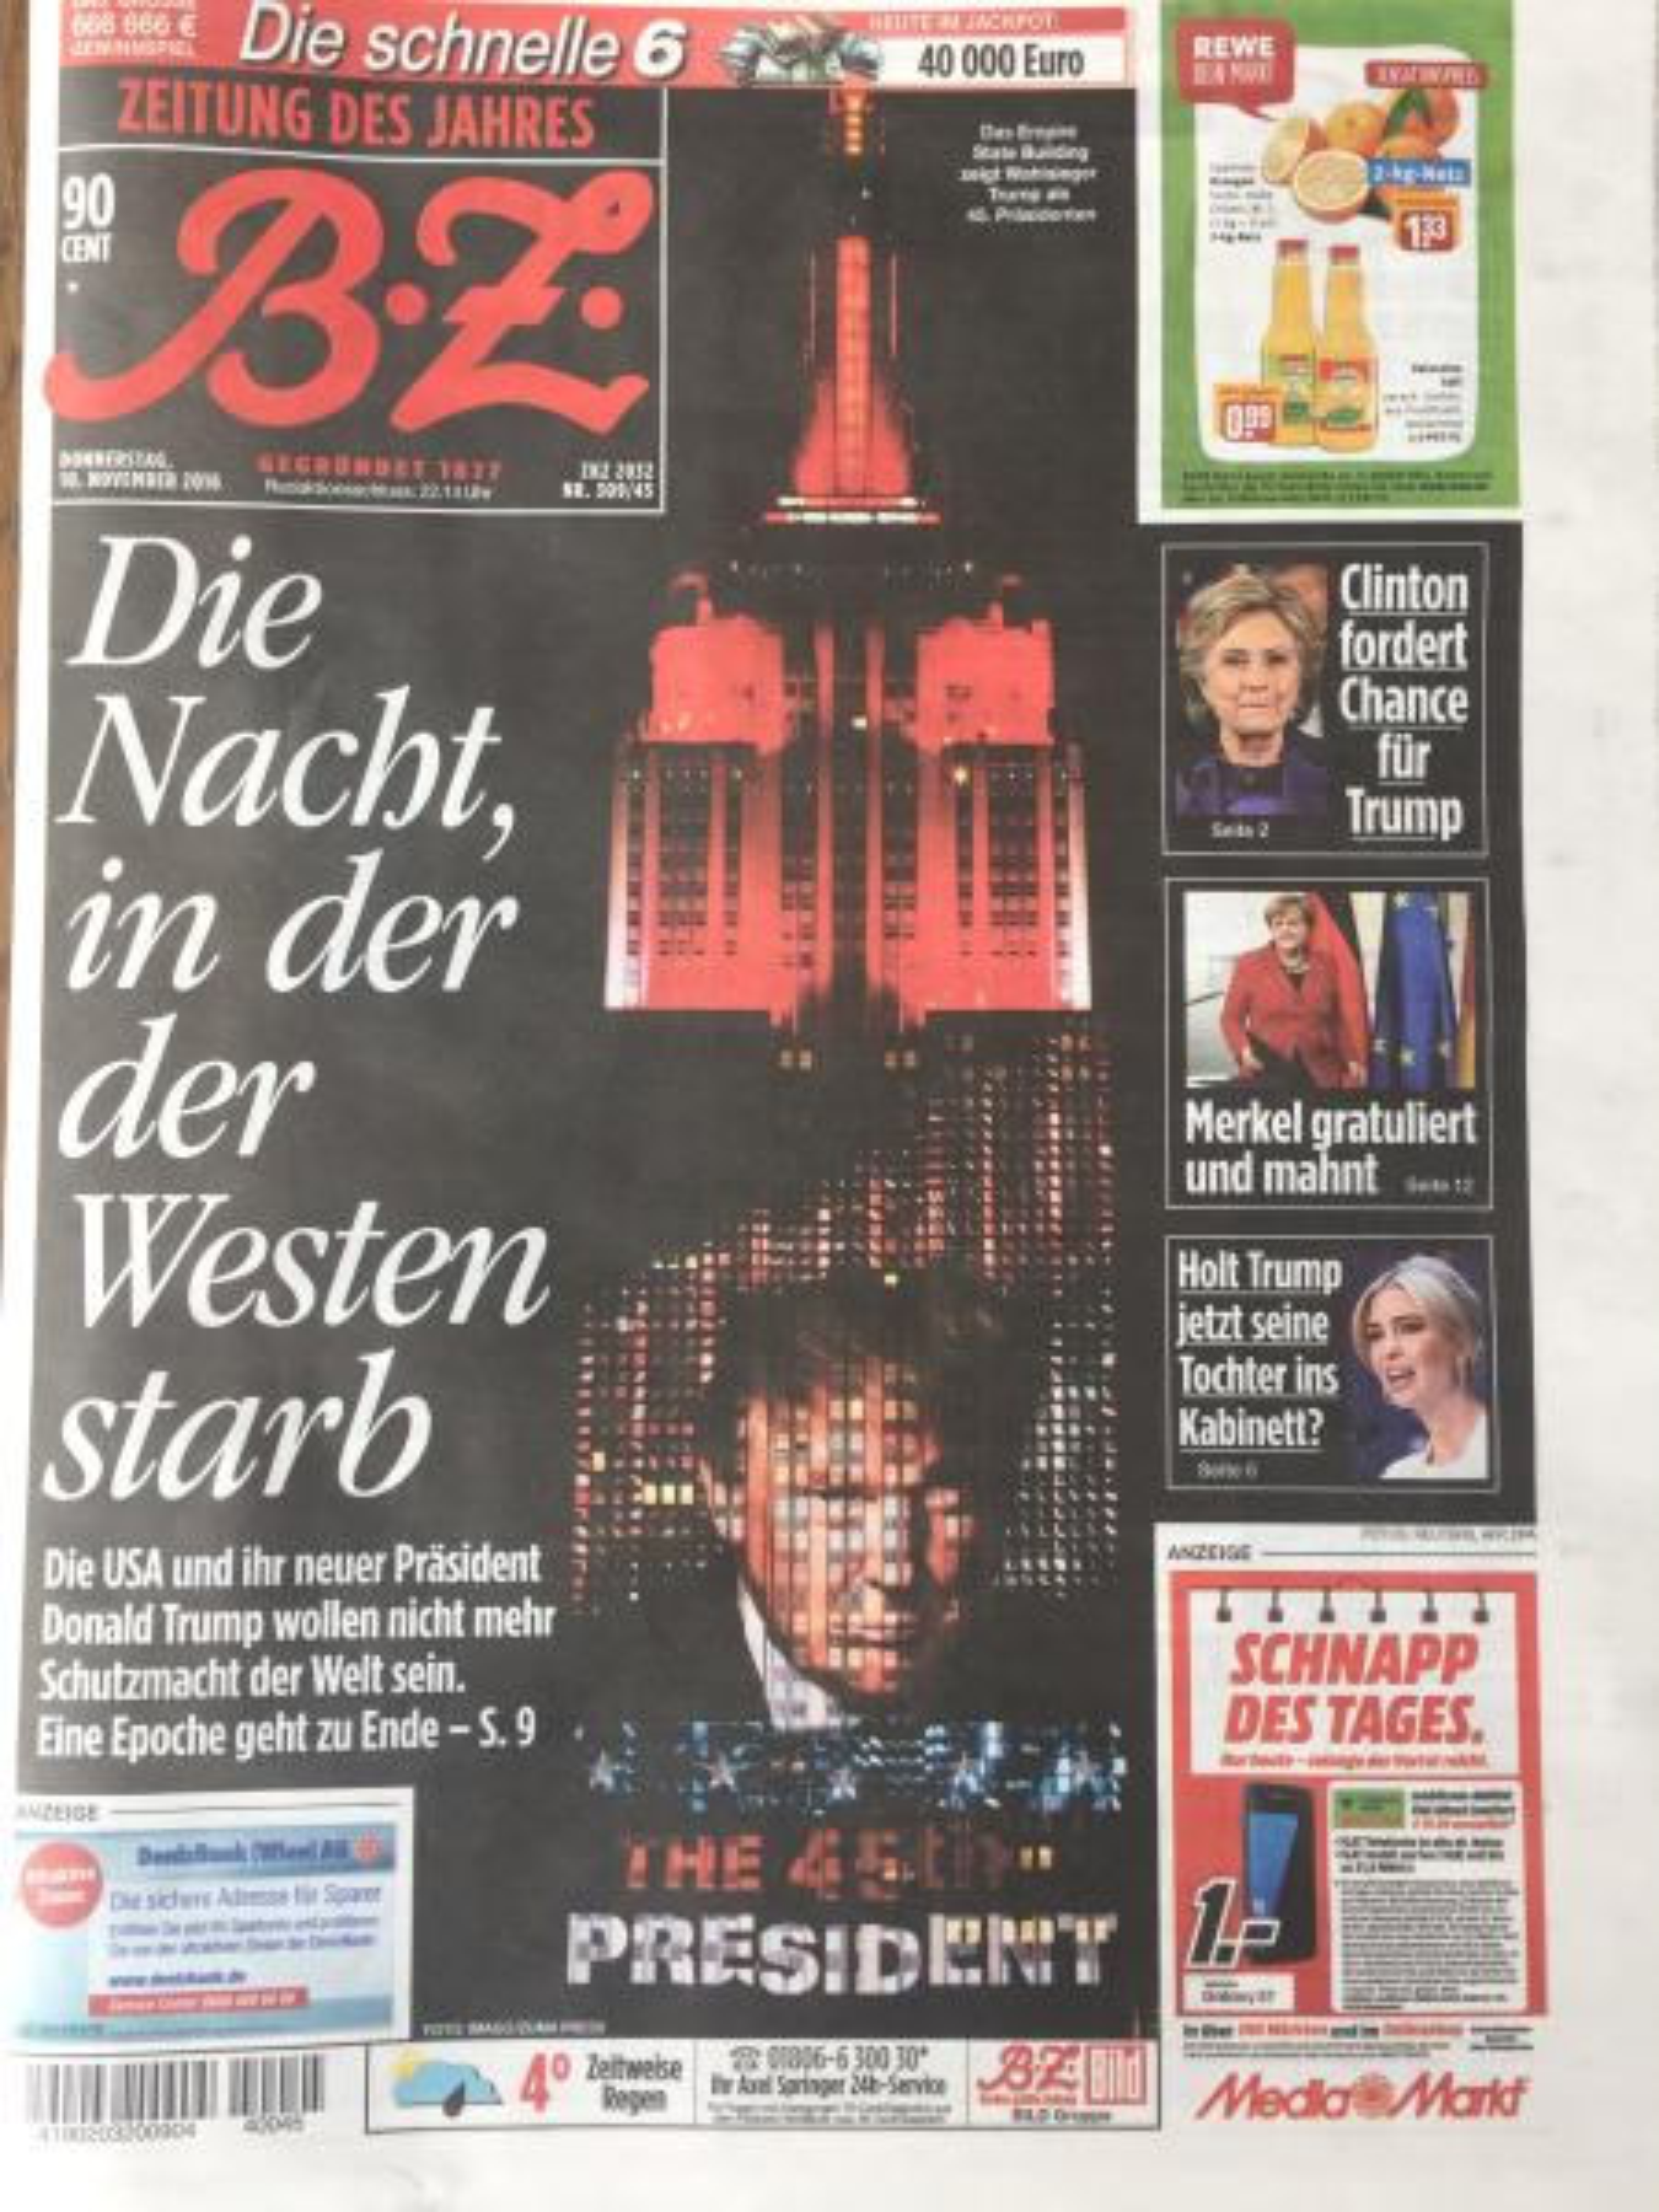 Local Berlin newspaper Bild Zeitung, Nov. 10 2016.